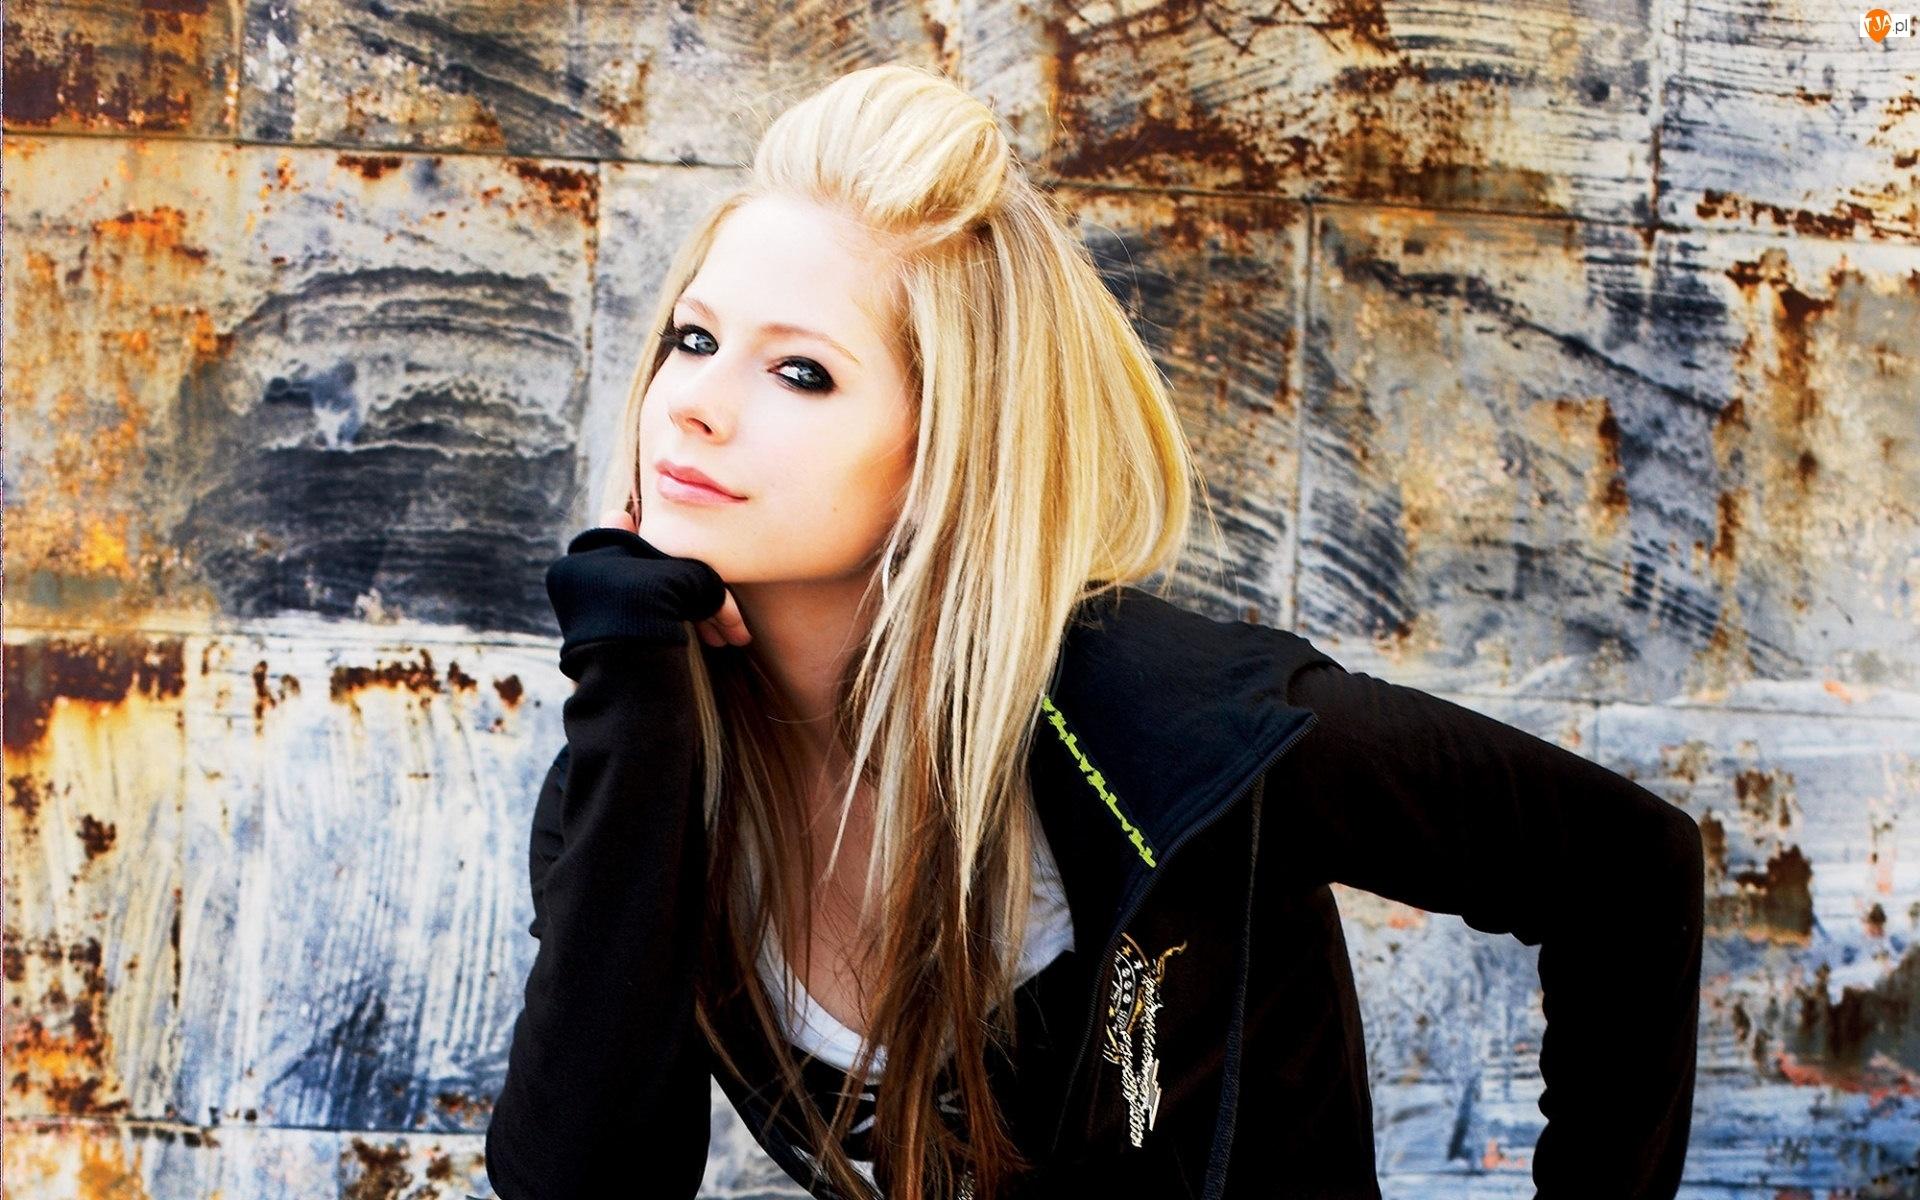 Piosenkarka, Avril Lavigne